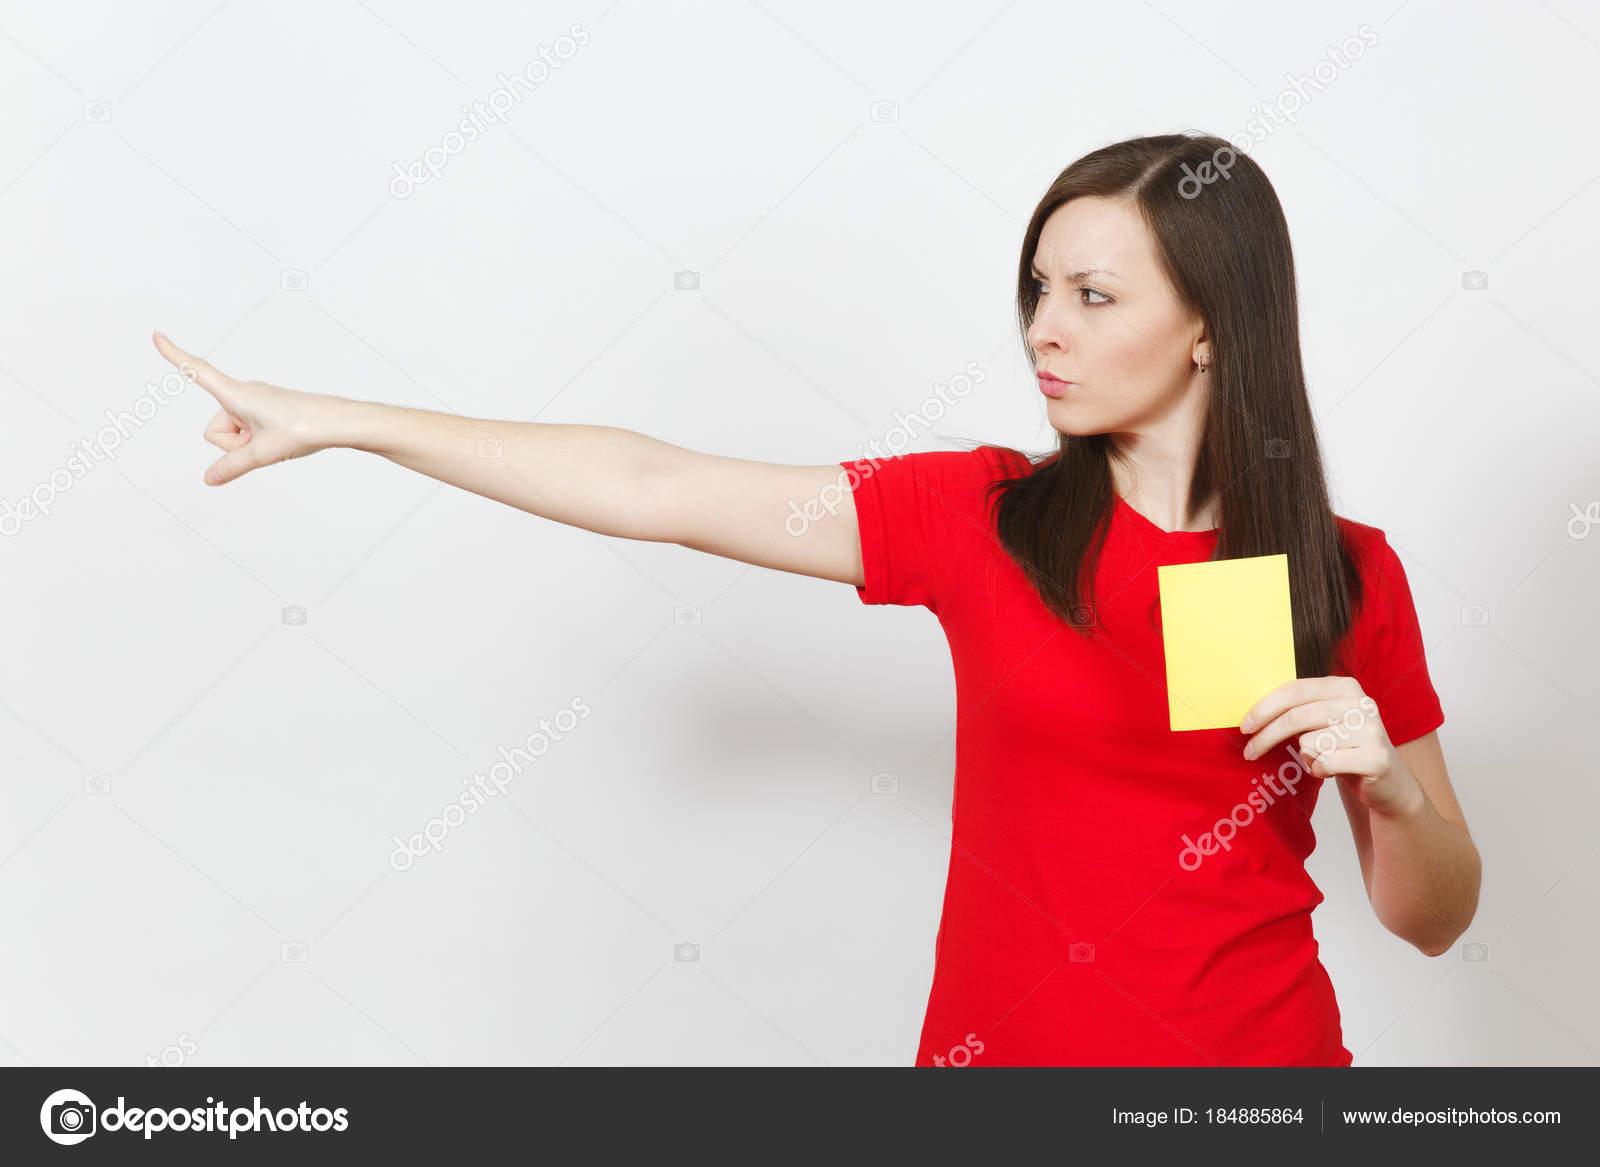 ec093c20508 ... árbitro de fútbol en rojo uniforme Mostrar tarjeta de fútbol amarillo,  proponer jugador retirarse del campo aislado sobre fondo blanco. Deporte,  juego ...